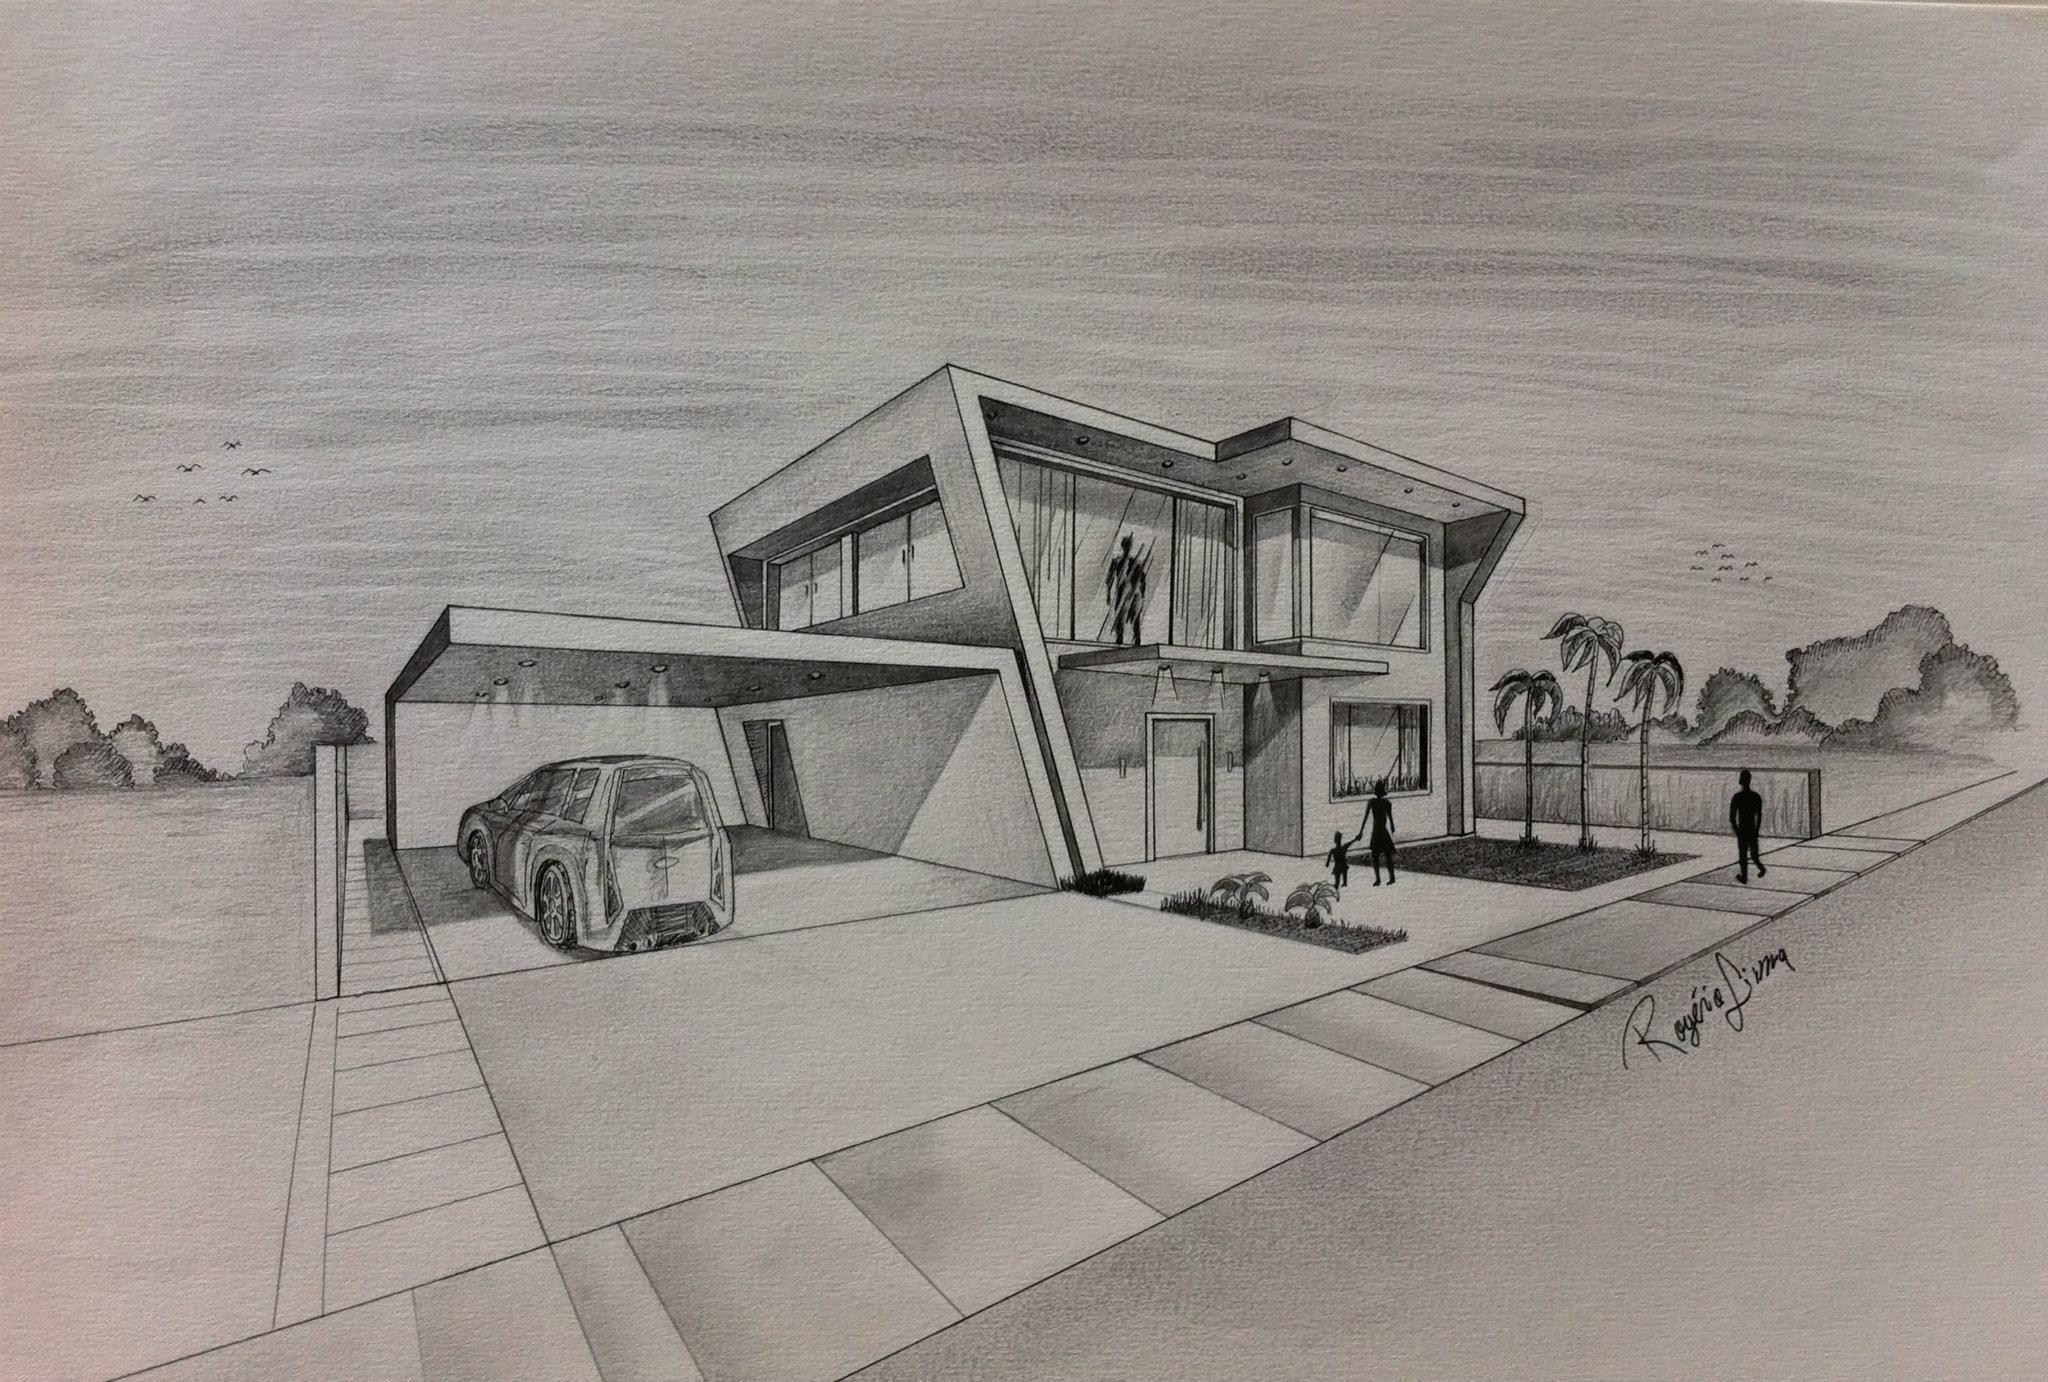 Designs Architectural Design House Plans Detailing House Plans Architecture Drawing Architecture Design Drawing Architecture Sketch